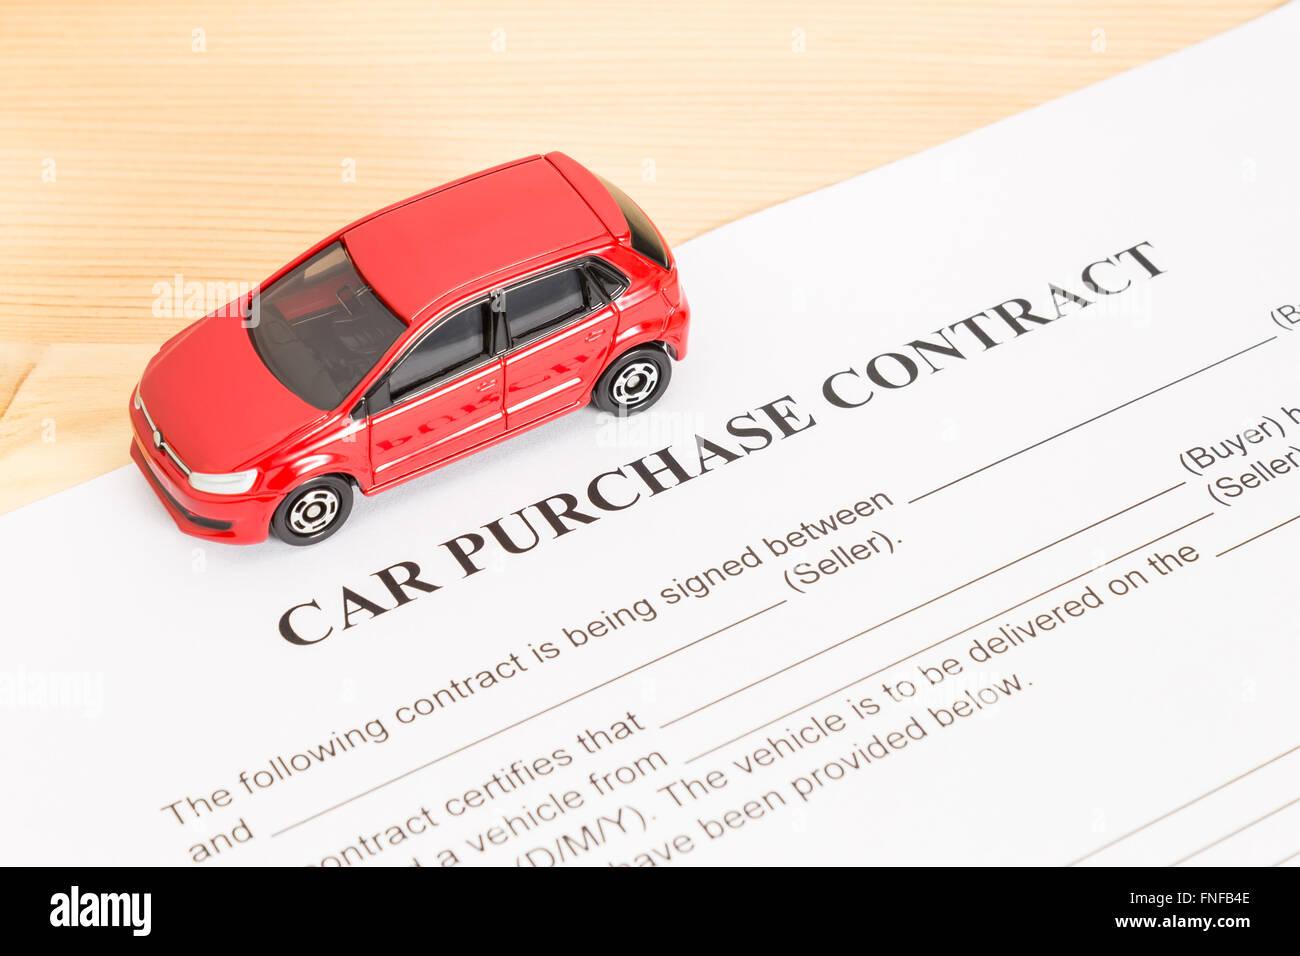 Autokauf Vertrag Mit Roten Auto Auf Ansicht Von Links Auto